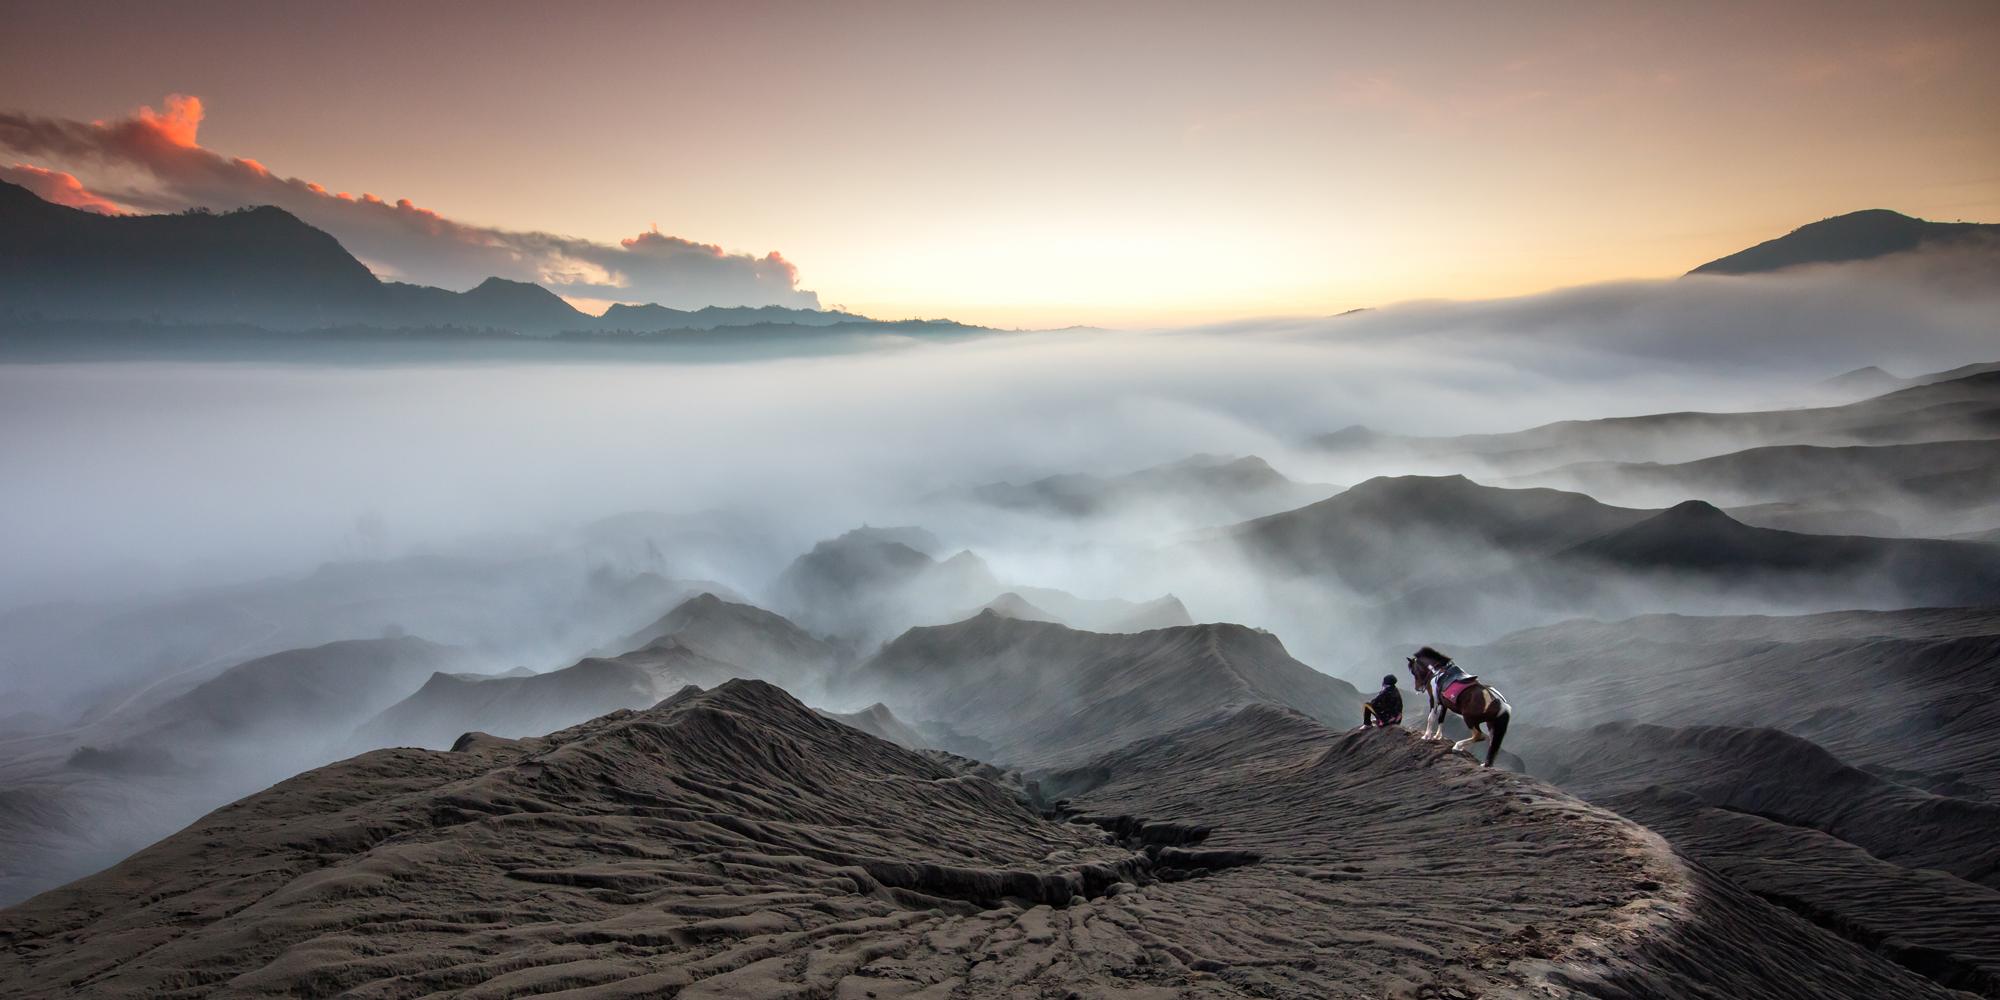 """""""Morning Call""""  Photo Credit: © unarto Gunawa. All rights reserved."""